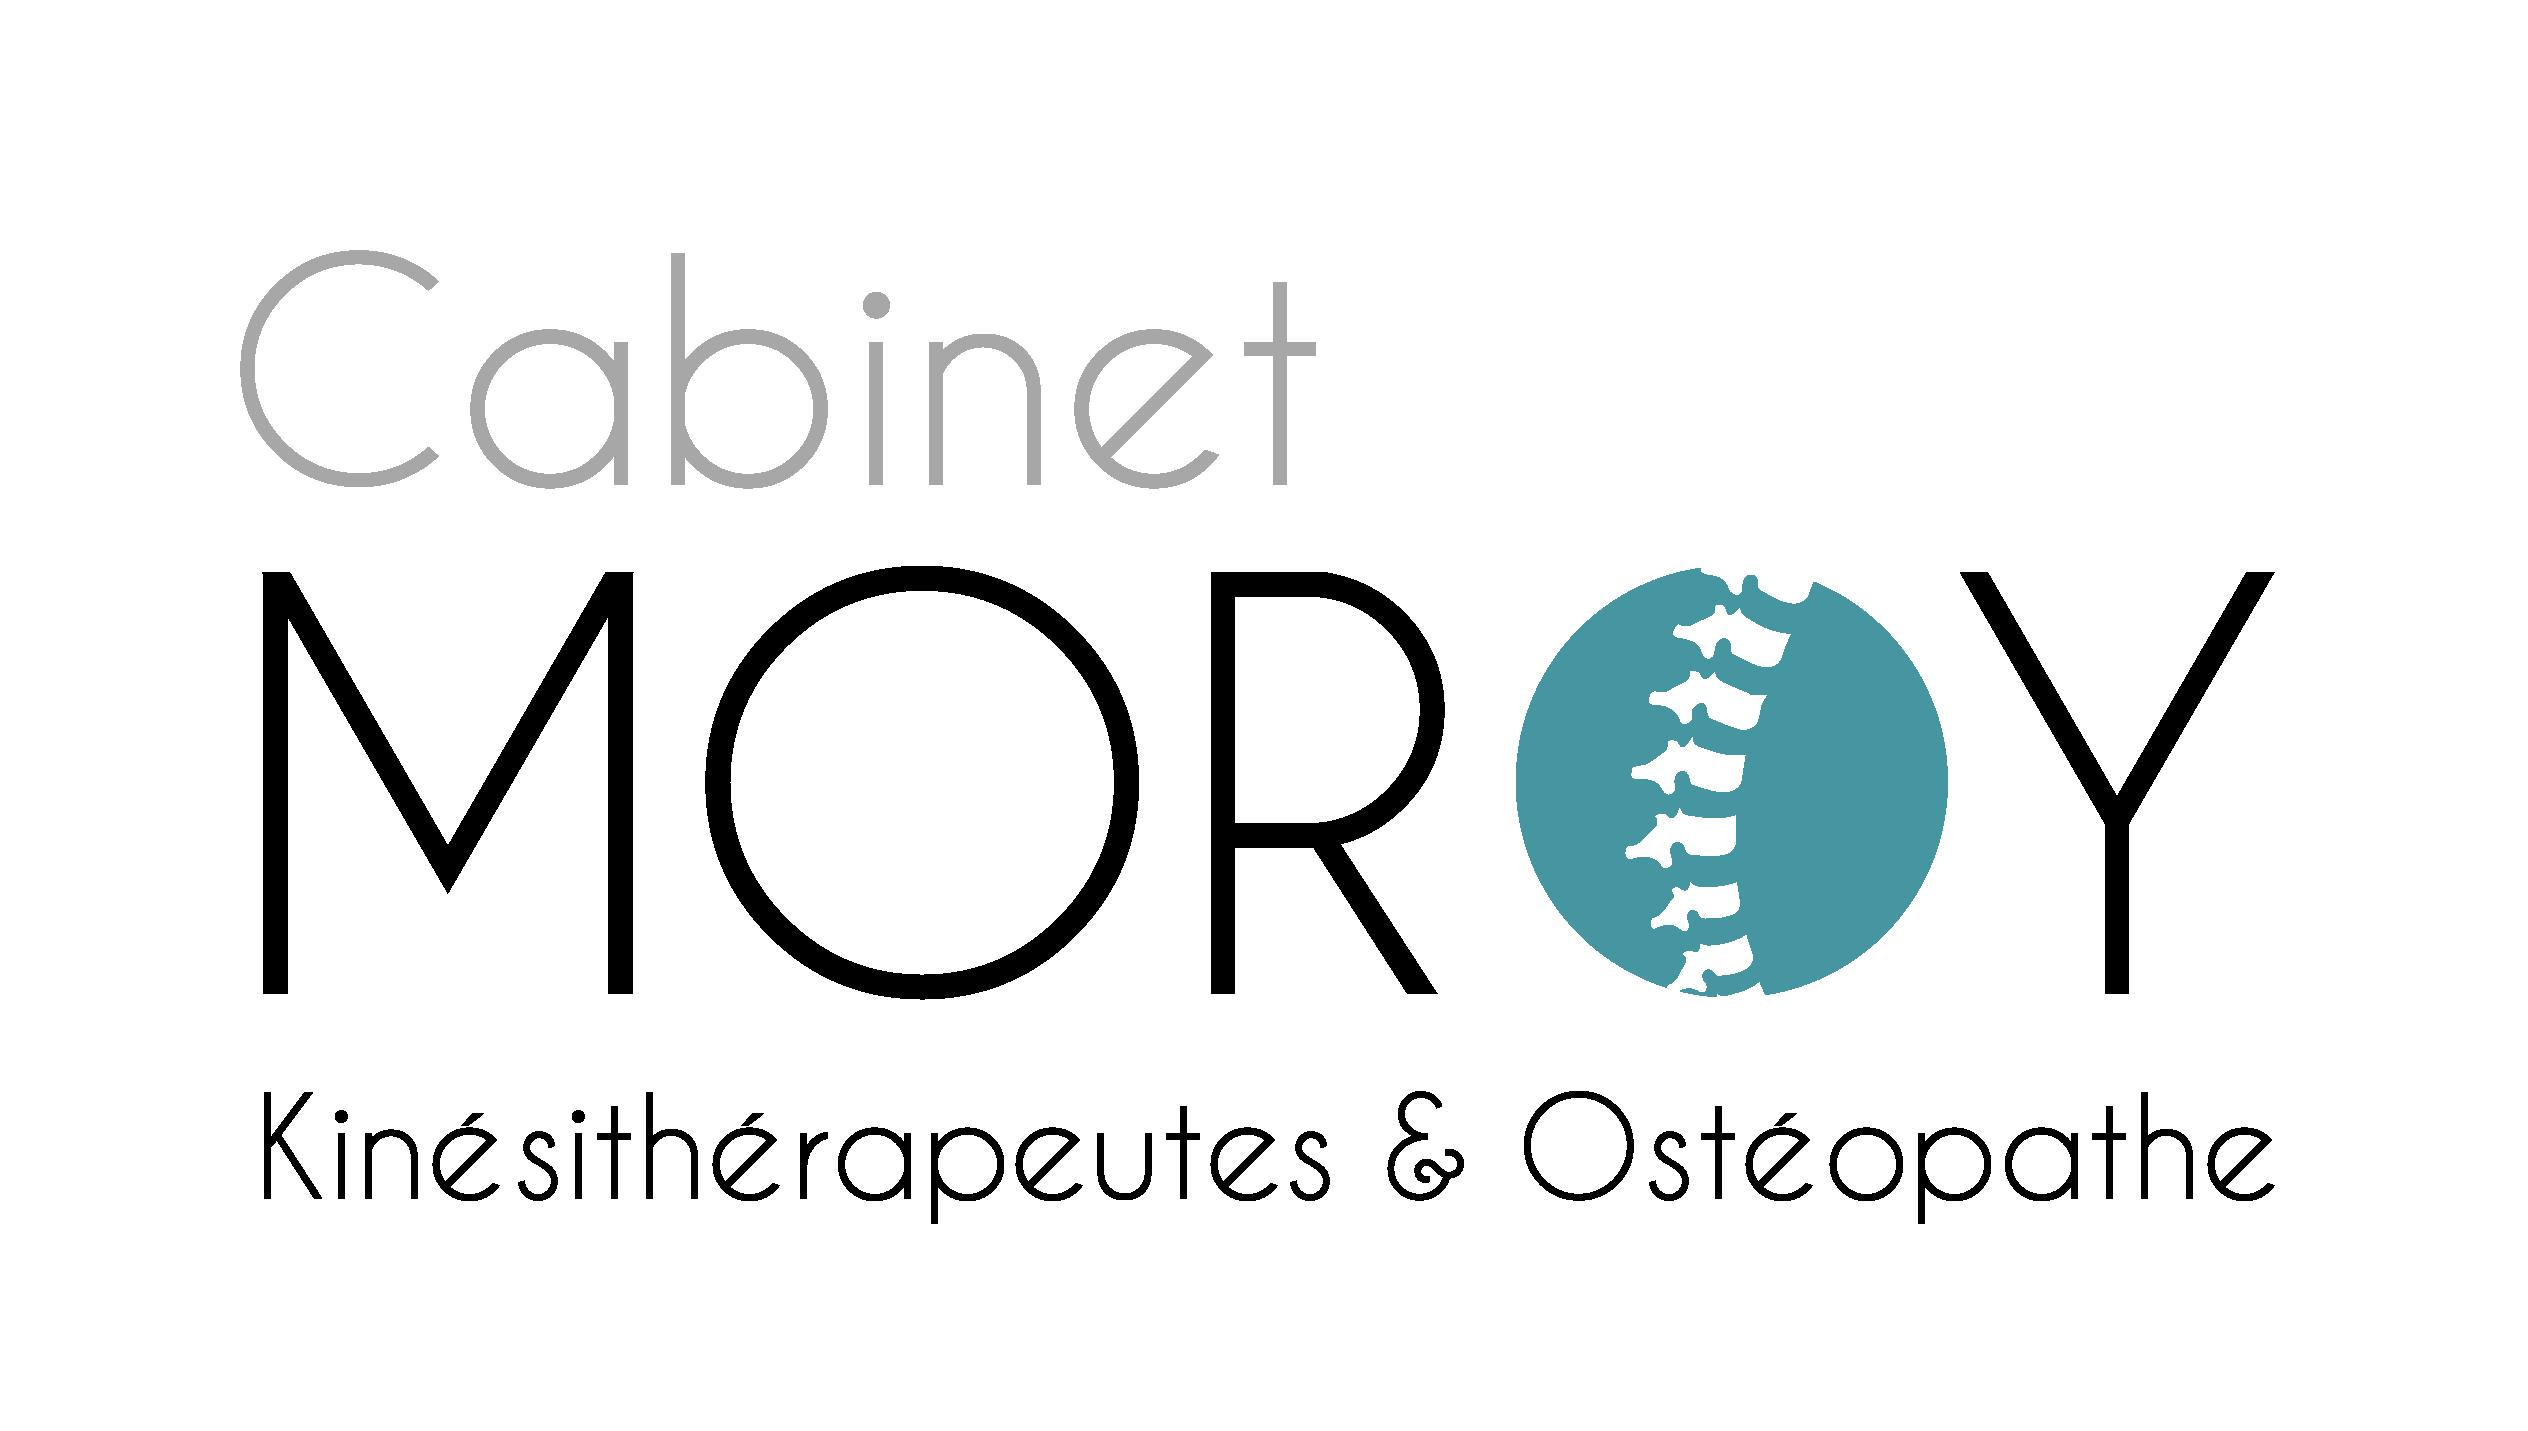 Cabinet de Kinésithérapie et Ostéopathie Moroy à Grenoble